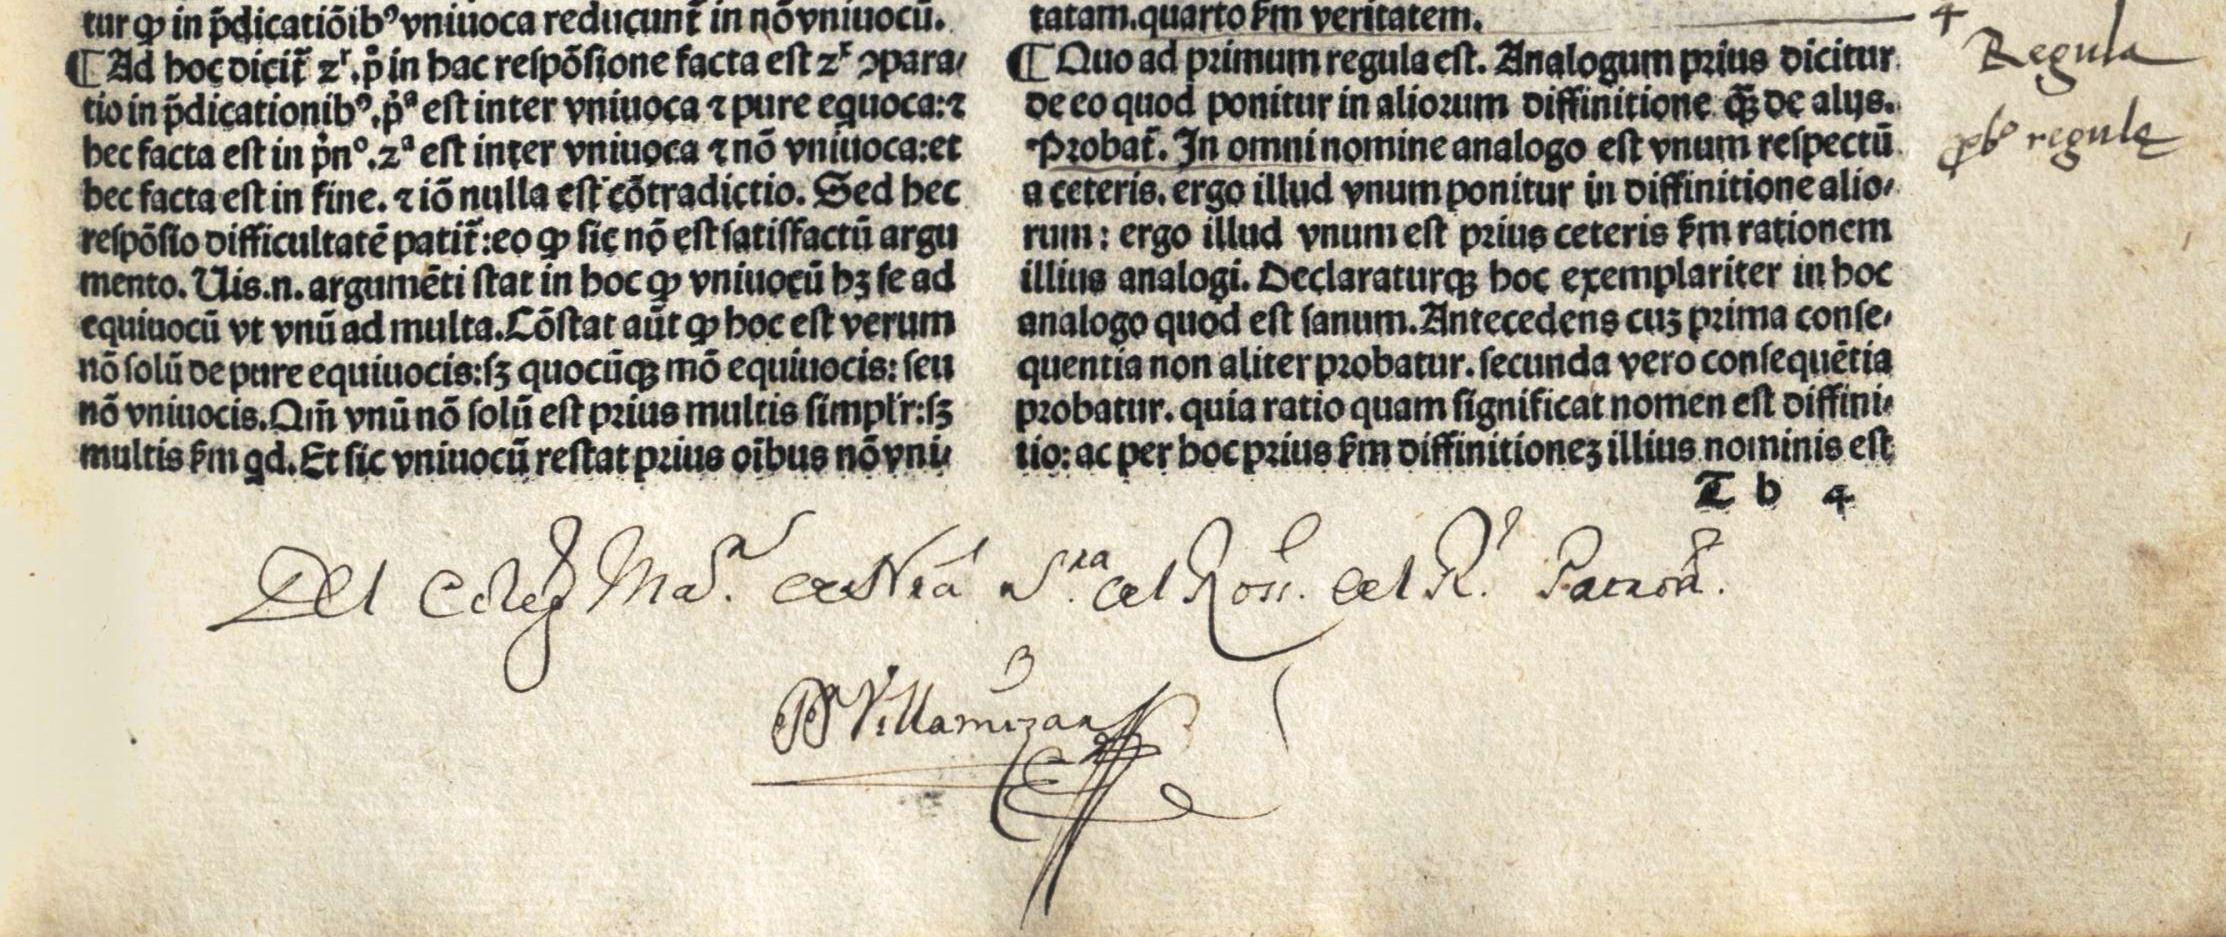 Puede tratarse de Dionisio Villamizar, pasante de Filosofía en 1752, y en el 58 catedrático de Teología Moral. Aunque también podría ser Santiago Burgos Villamizar, catedrático de Prima, quien usaba a Santo Tomás.